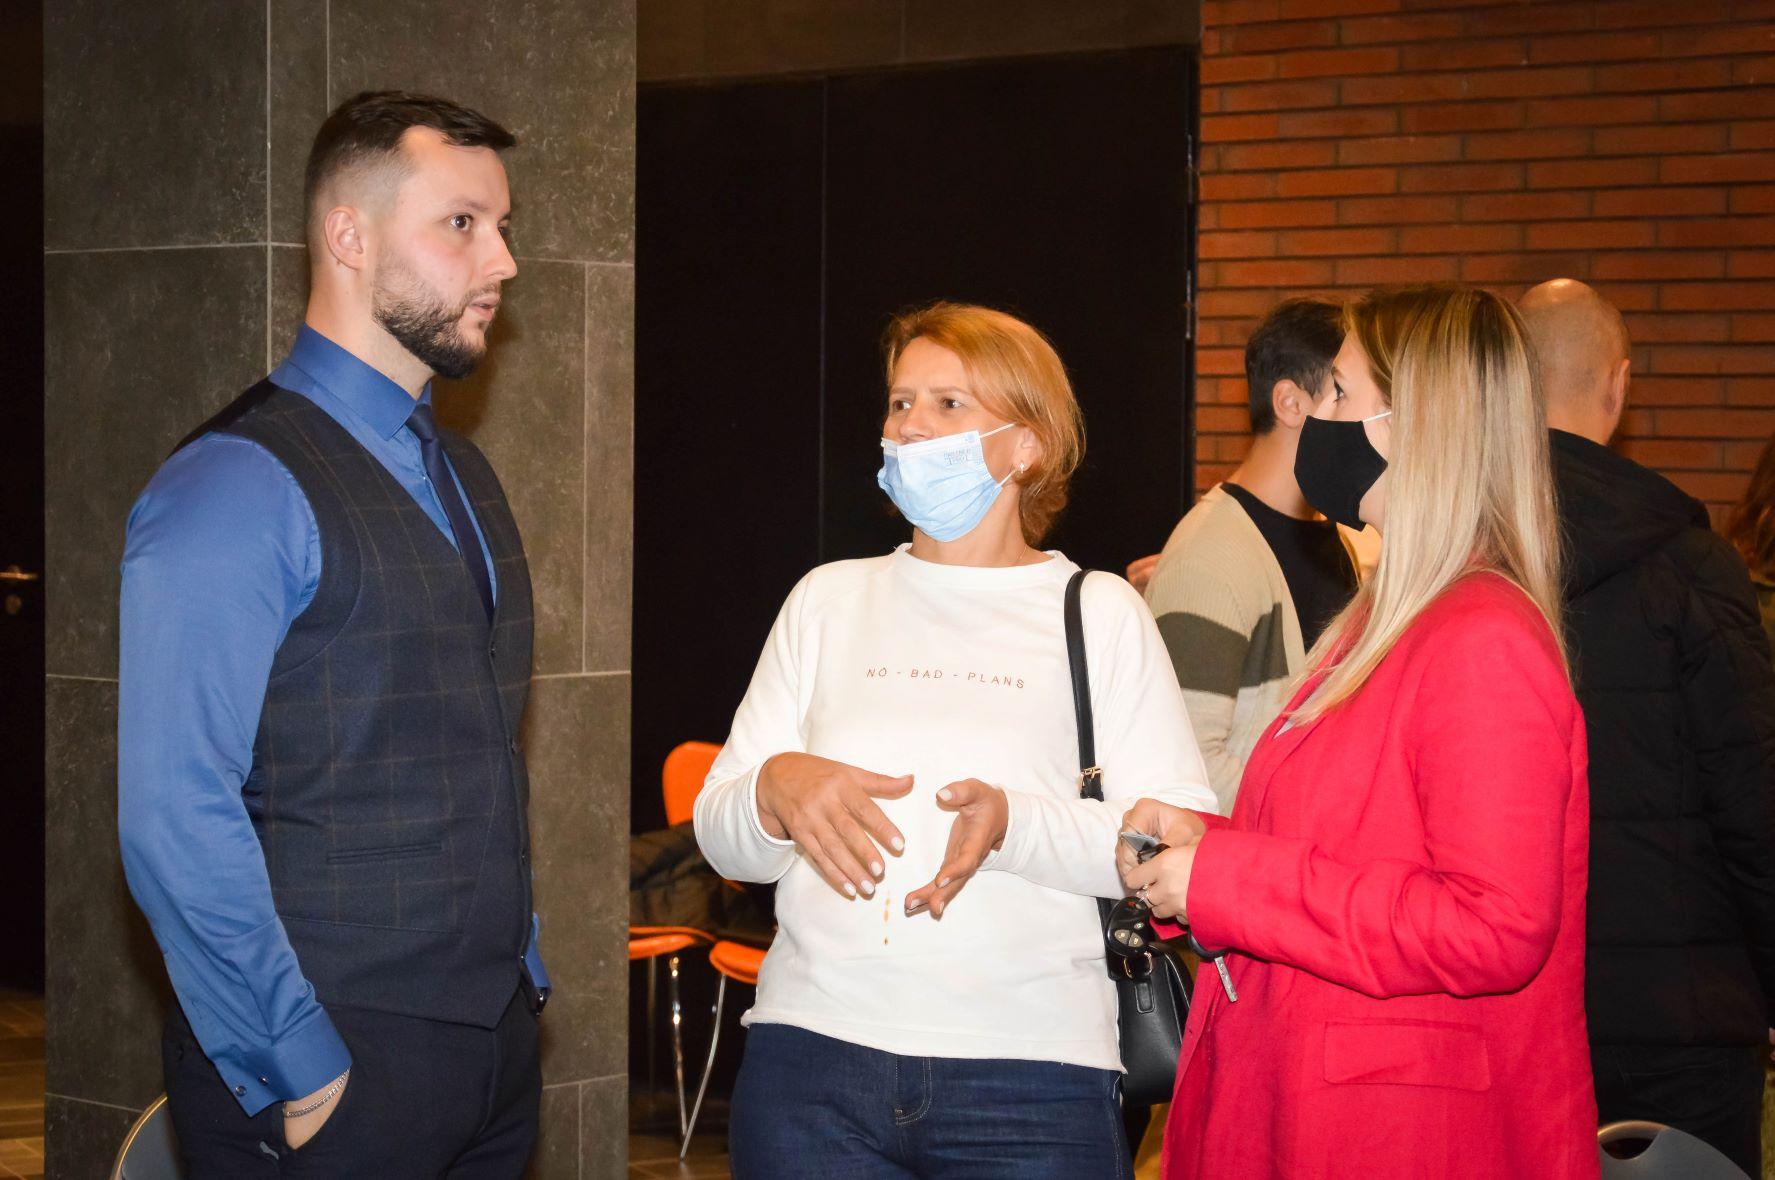 ЦБТ провів актуальну дискусійну панель в Чернівцях - 26 фото